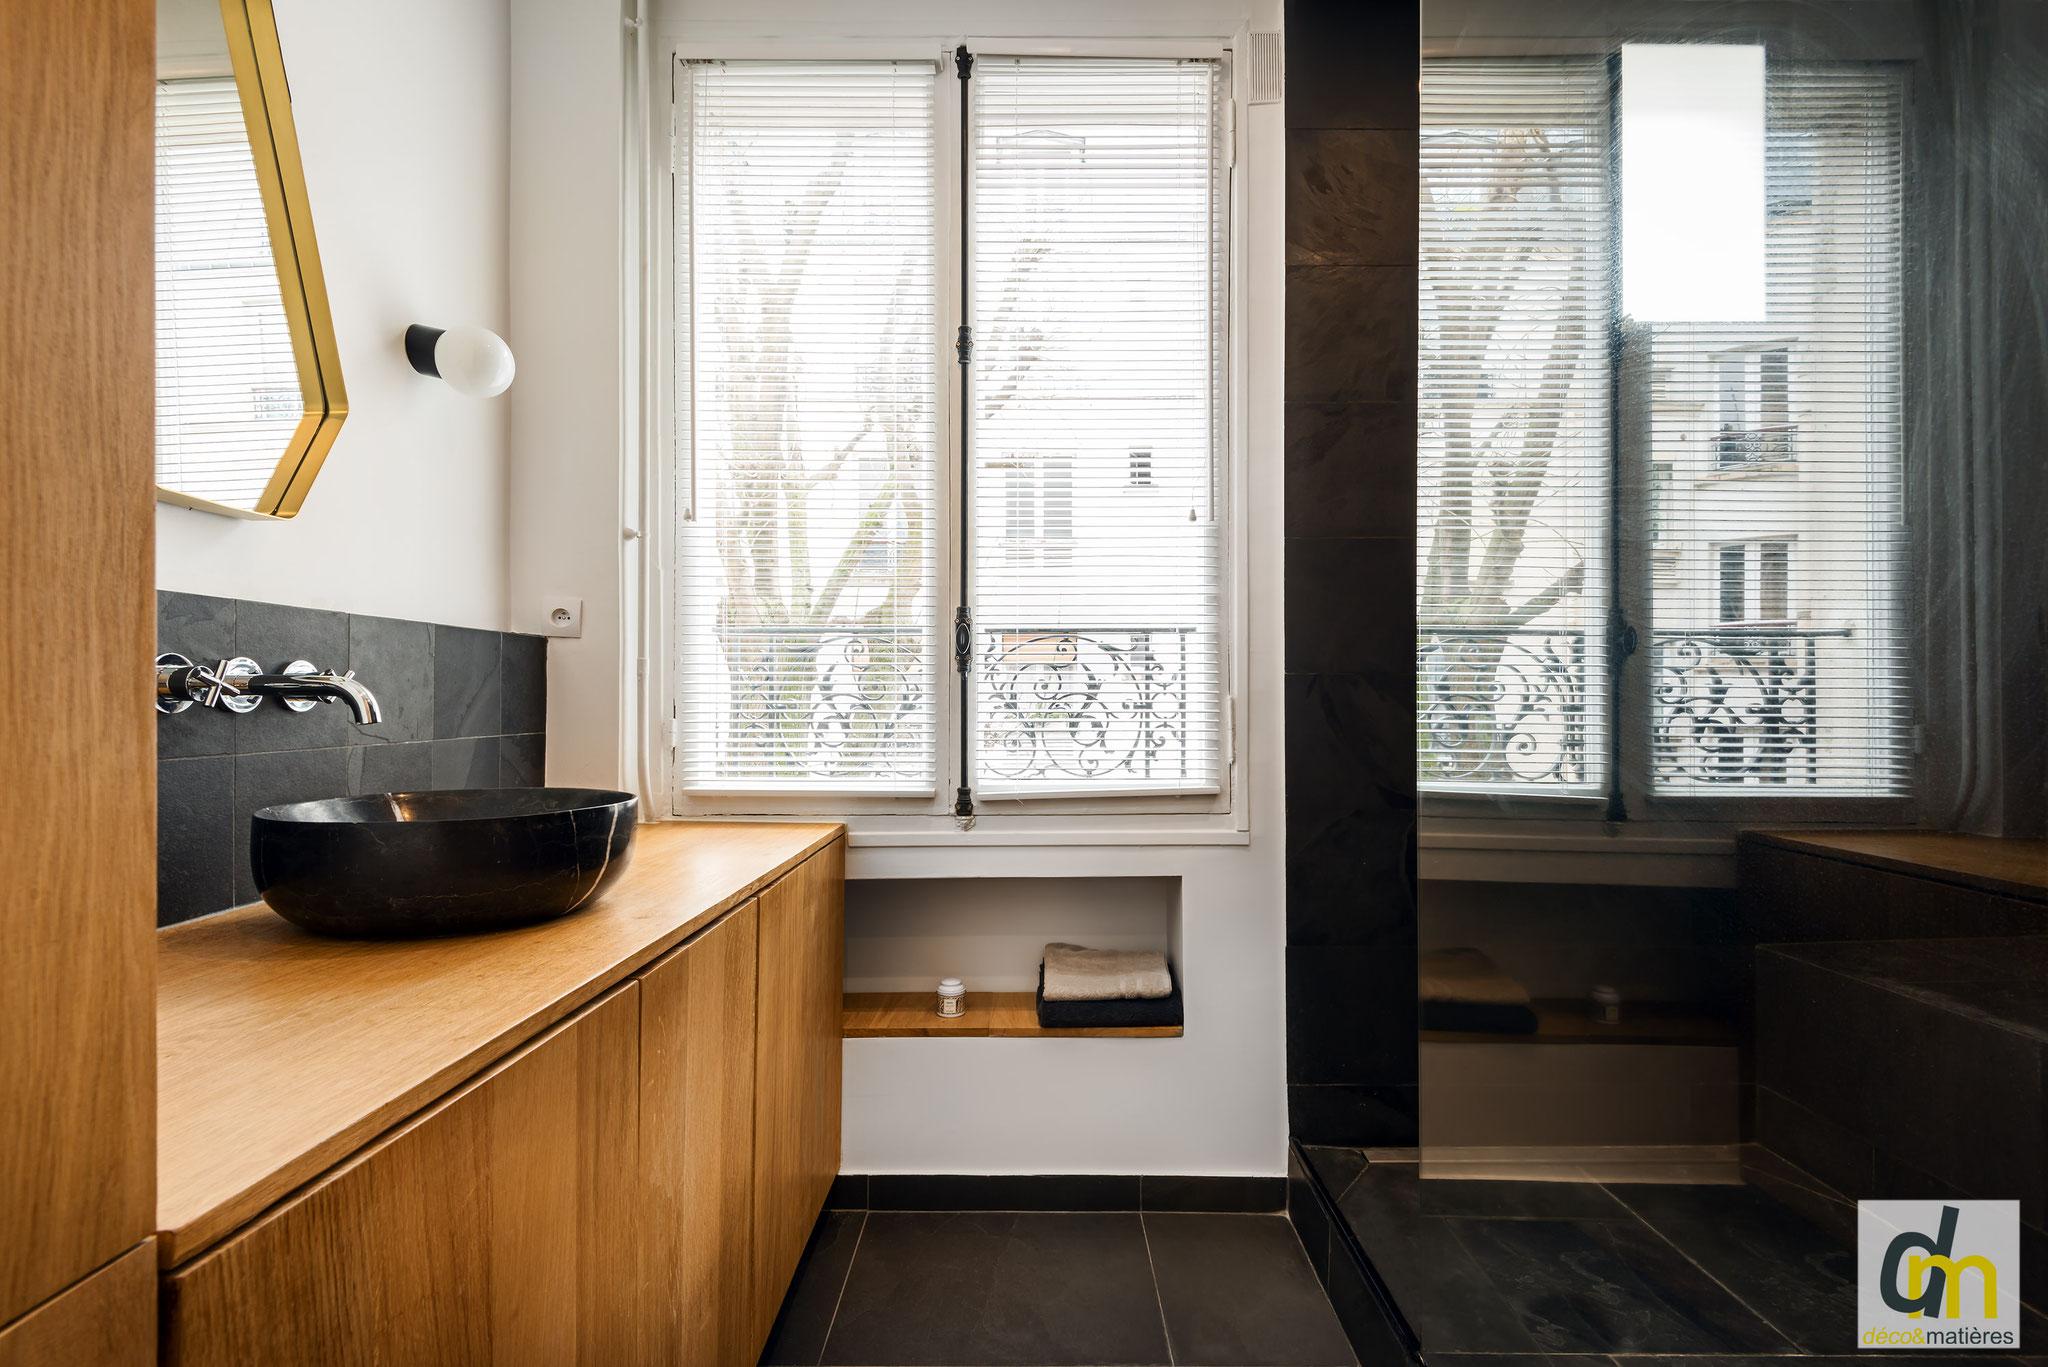 une salle de bain en matériaux naturels : meubles en chêne massif, sol et douche en ardoise véritable, vasque en marbre noir